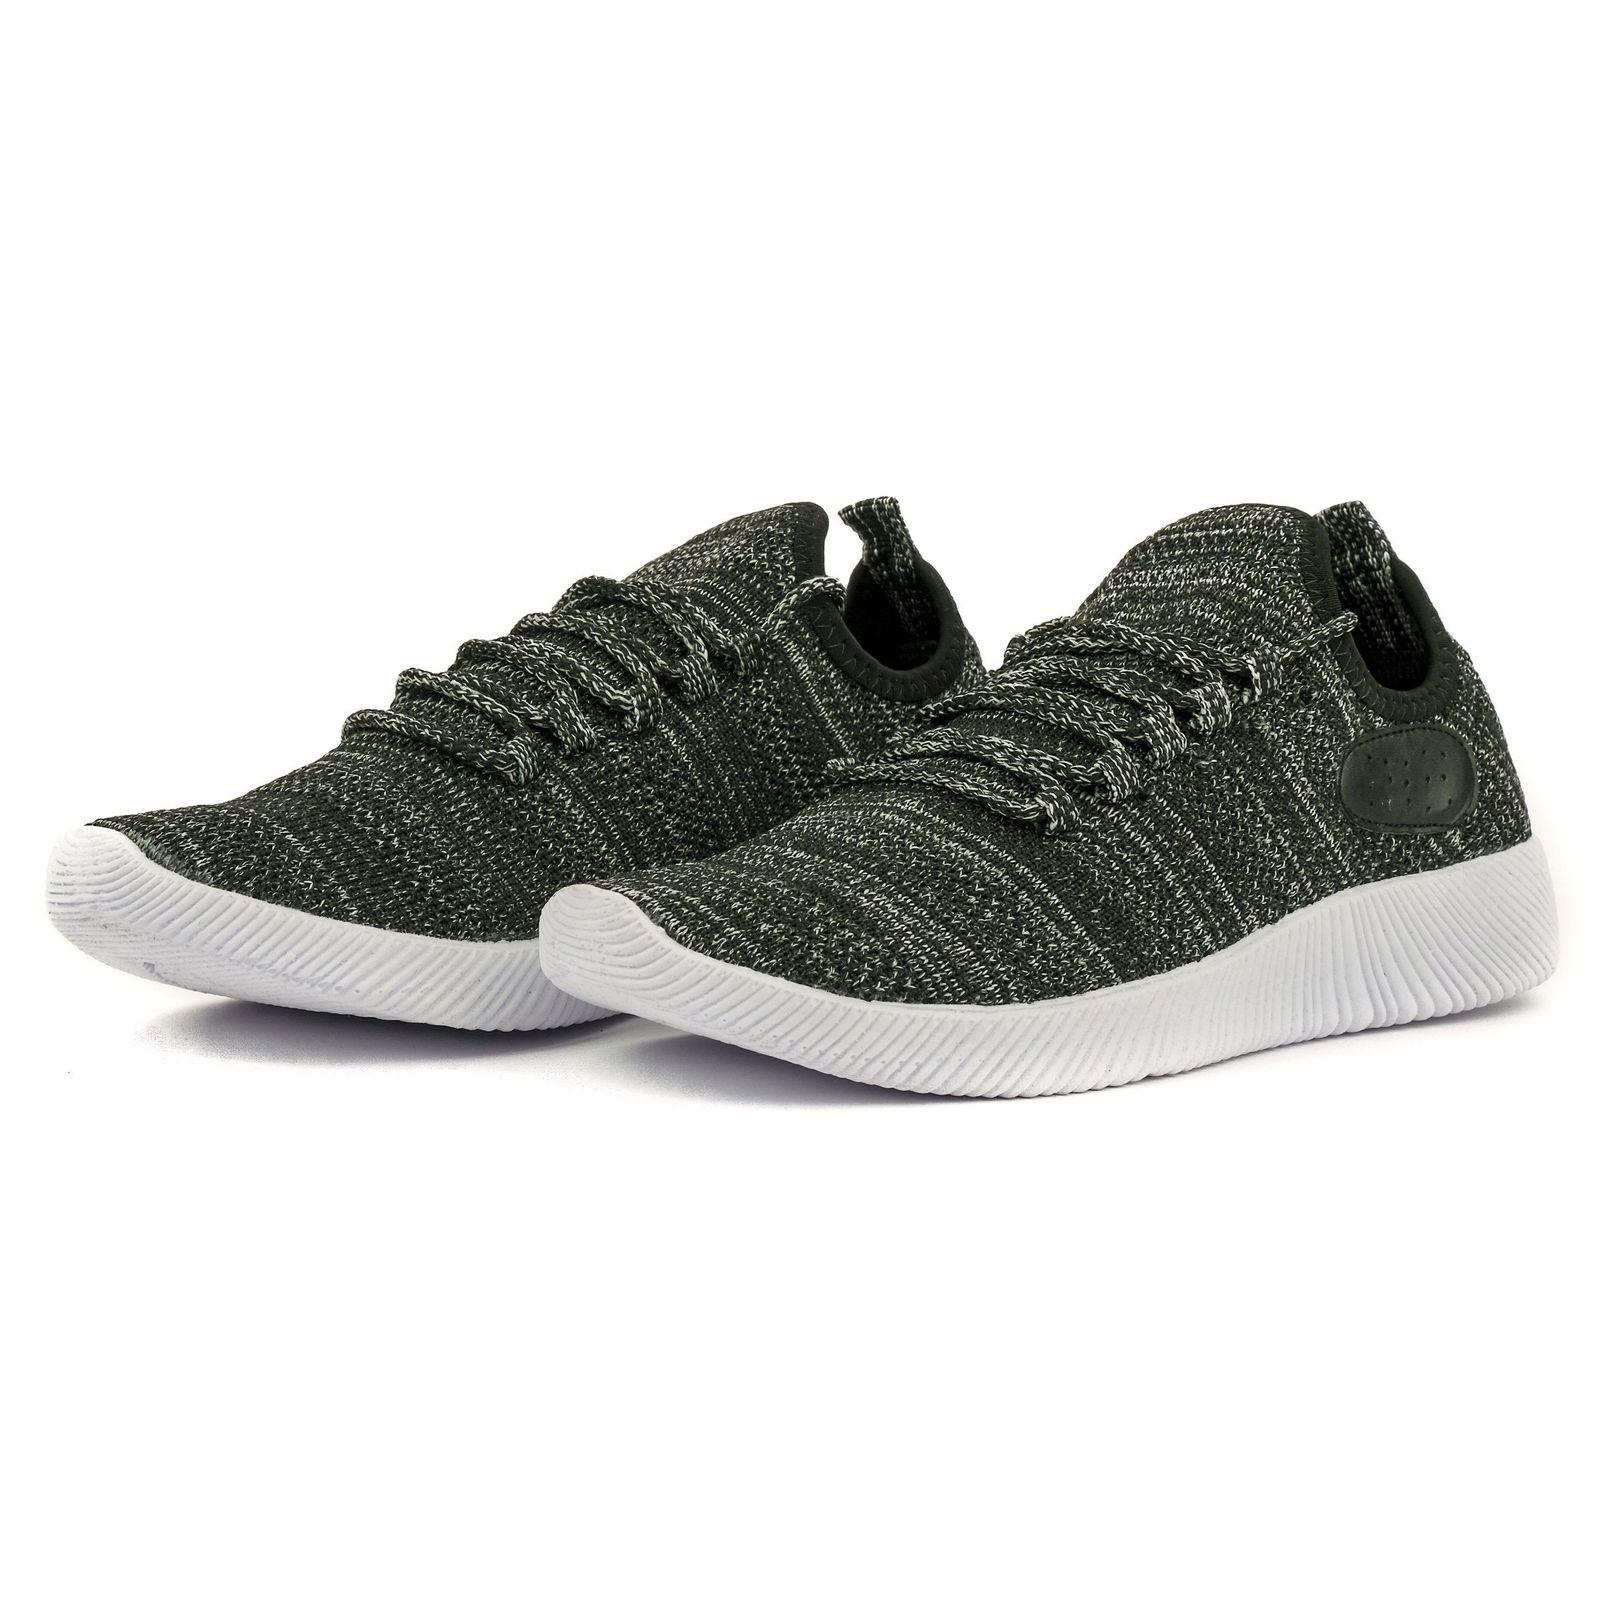 کفش مخصوص دویدن زنانه مدل yezi  main 1 1